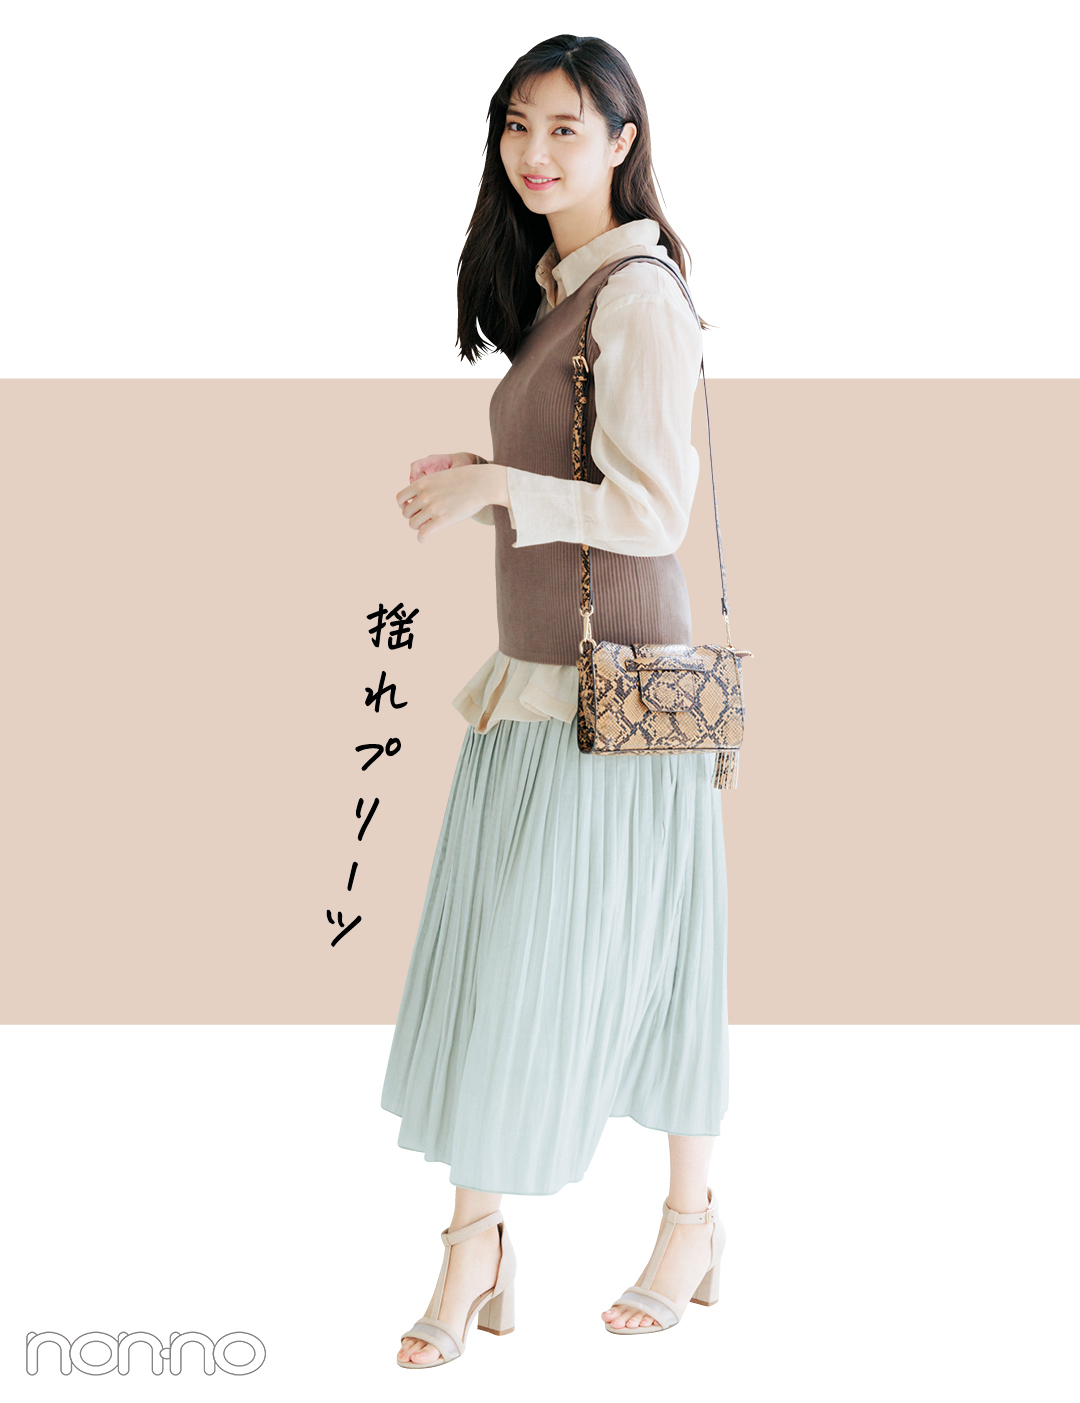 トレンドのあいまいカラーでスタイルアップできるスカートはコレ!_1_4